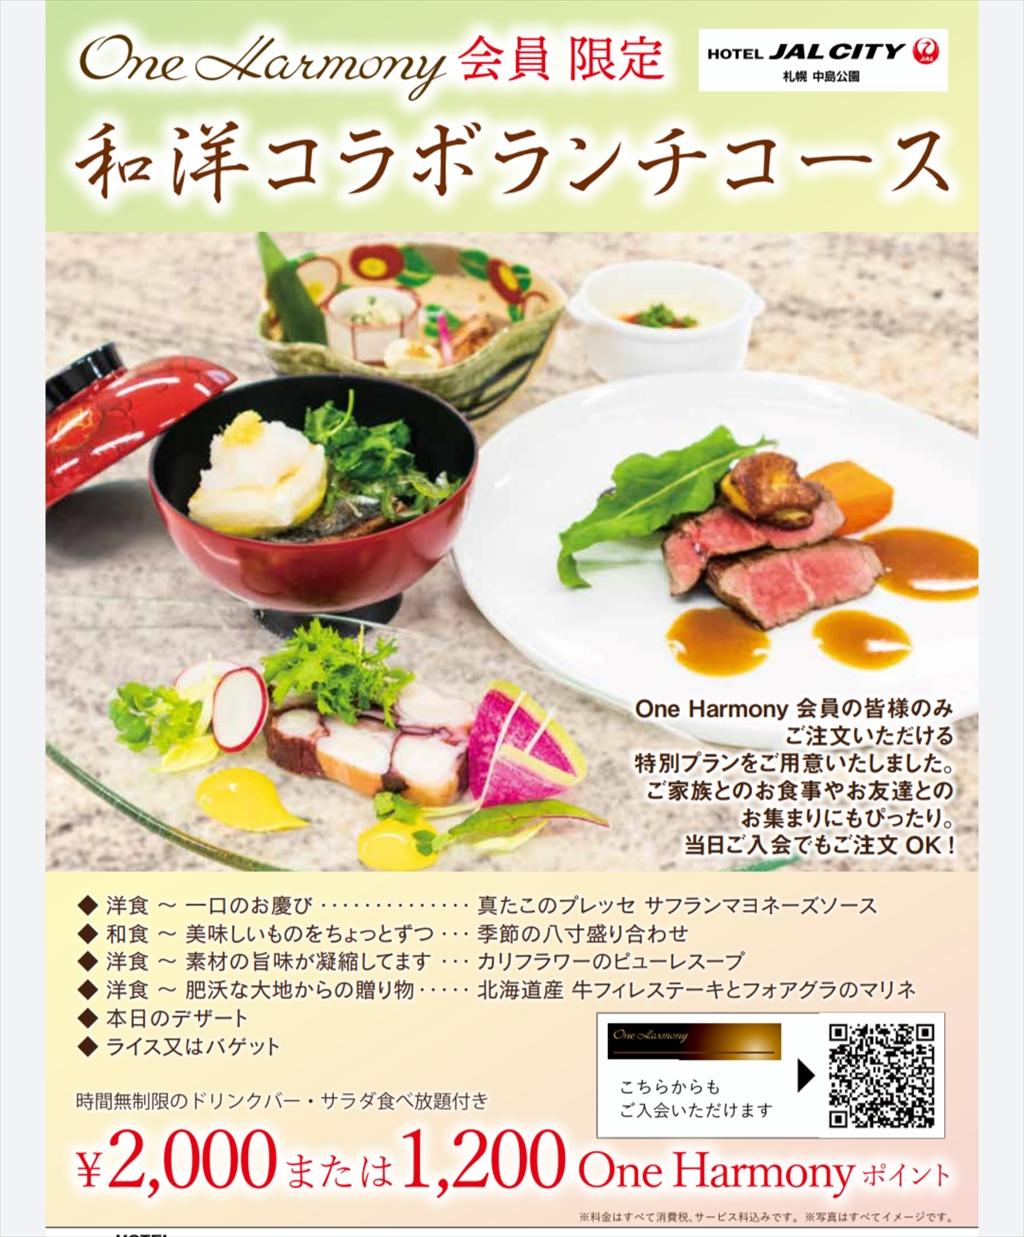 ホテルJALシティ札幌中島公園 宿泊記 2021年3月滞在 2-1 ランチ編